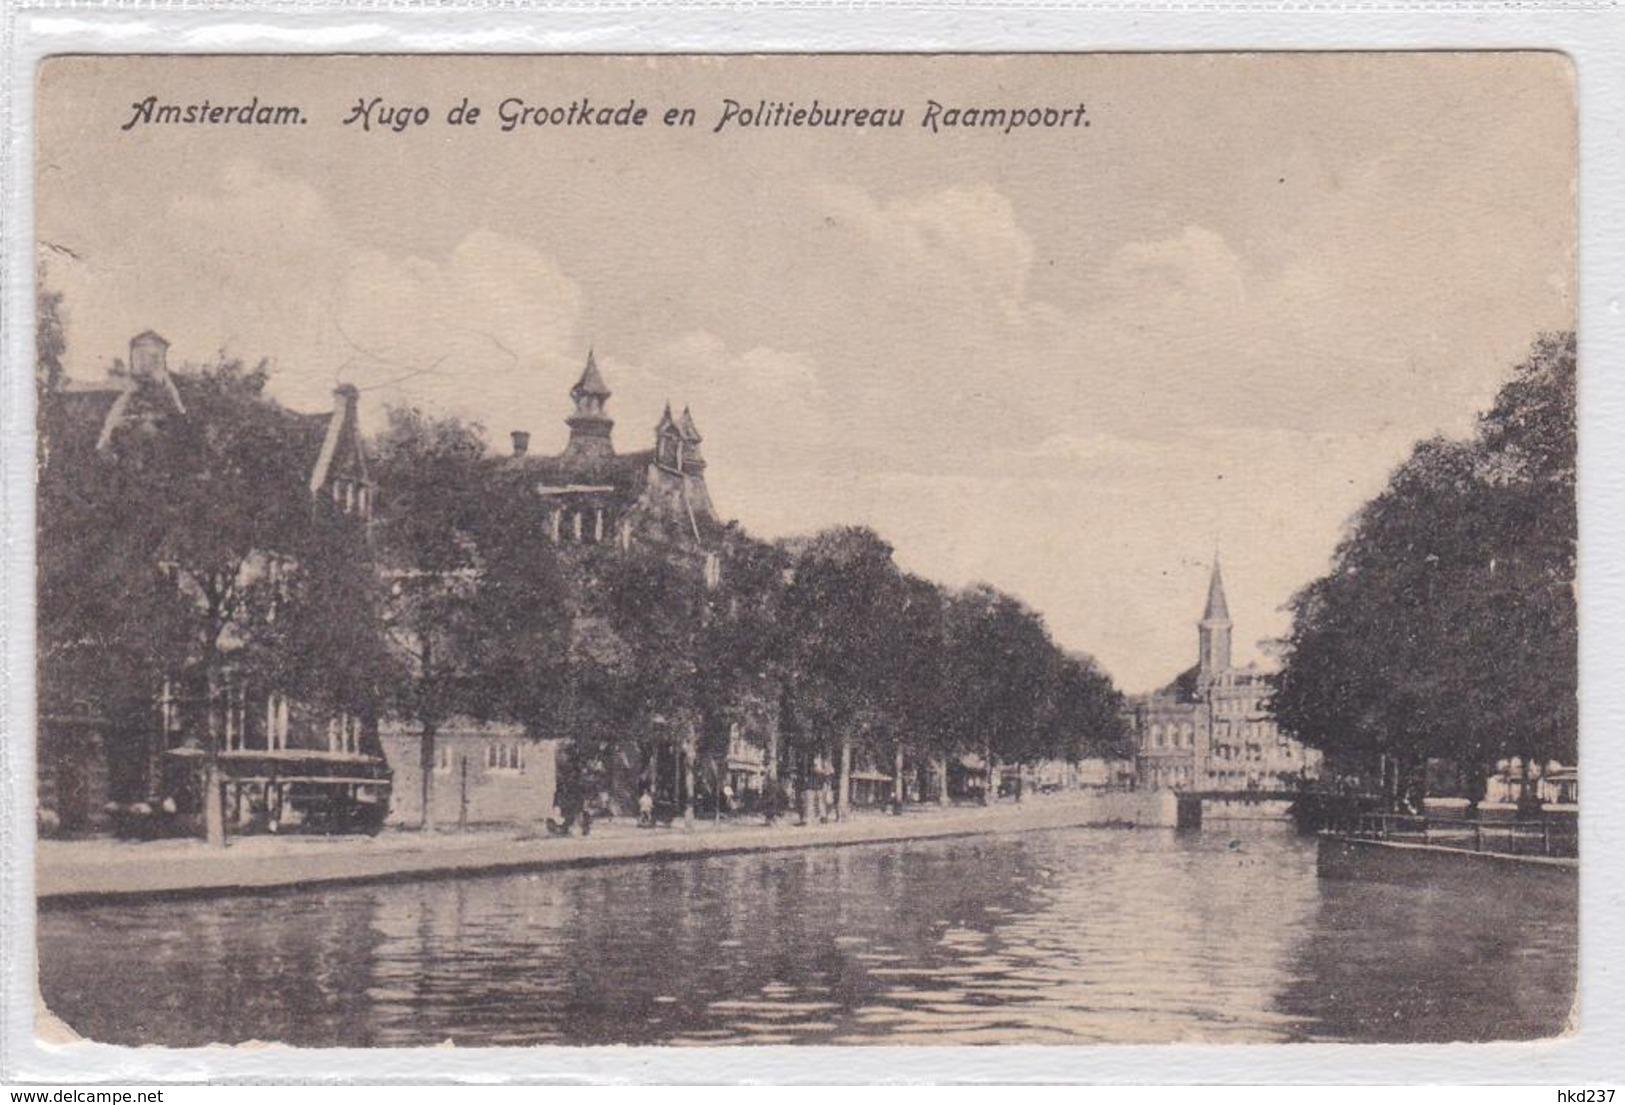 Amsterdam Hugo De Grootkade Met Raamkerk En Politiebureau Raampoort    1331 - Amsterdam